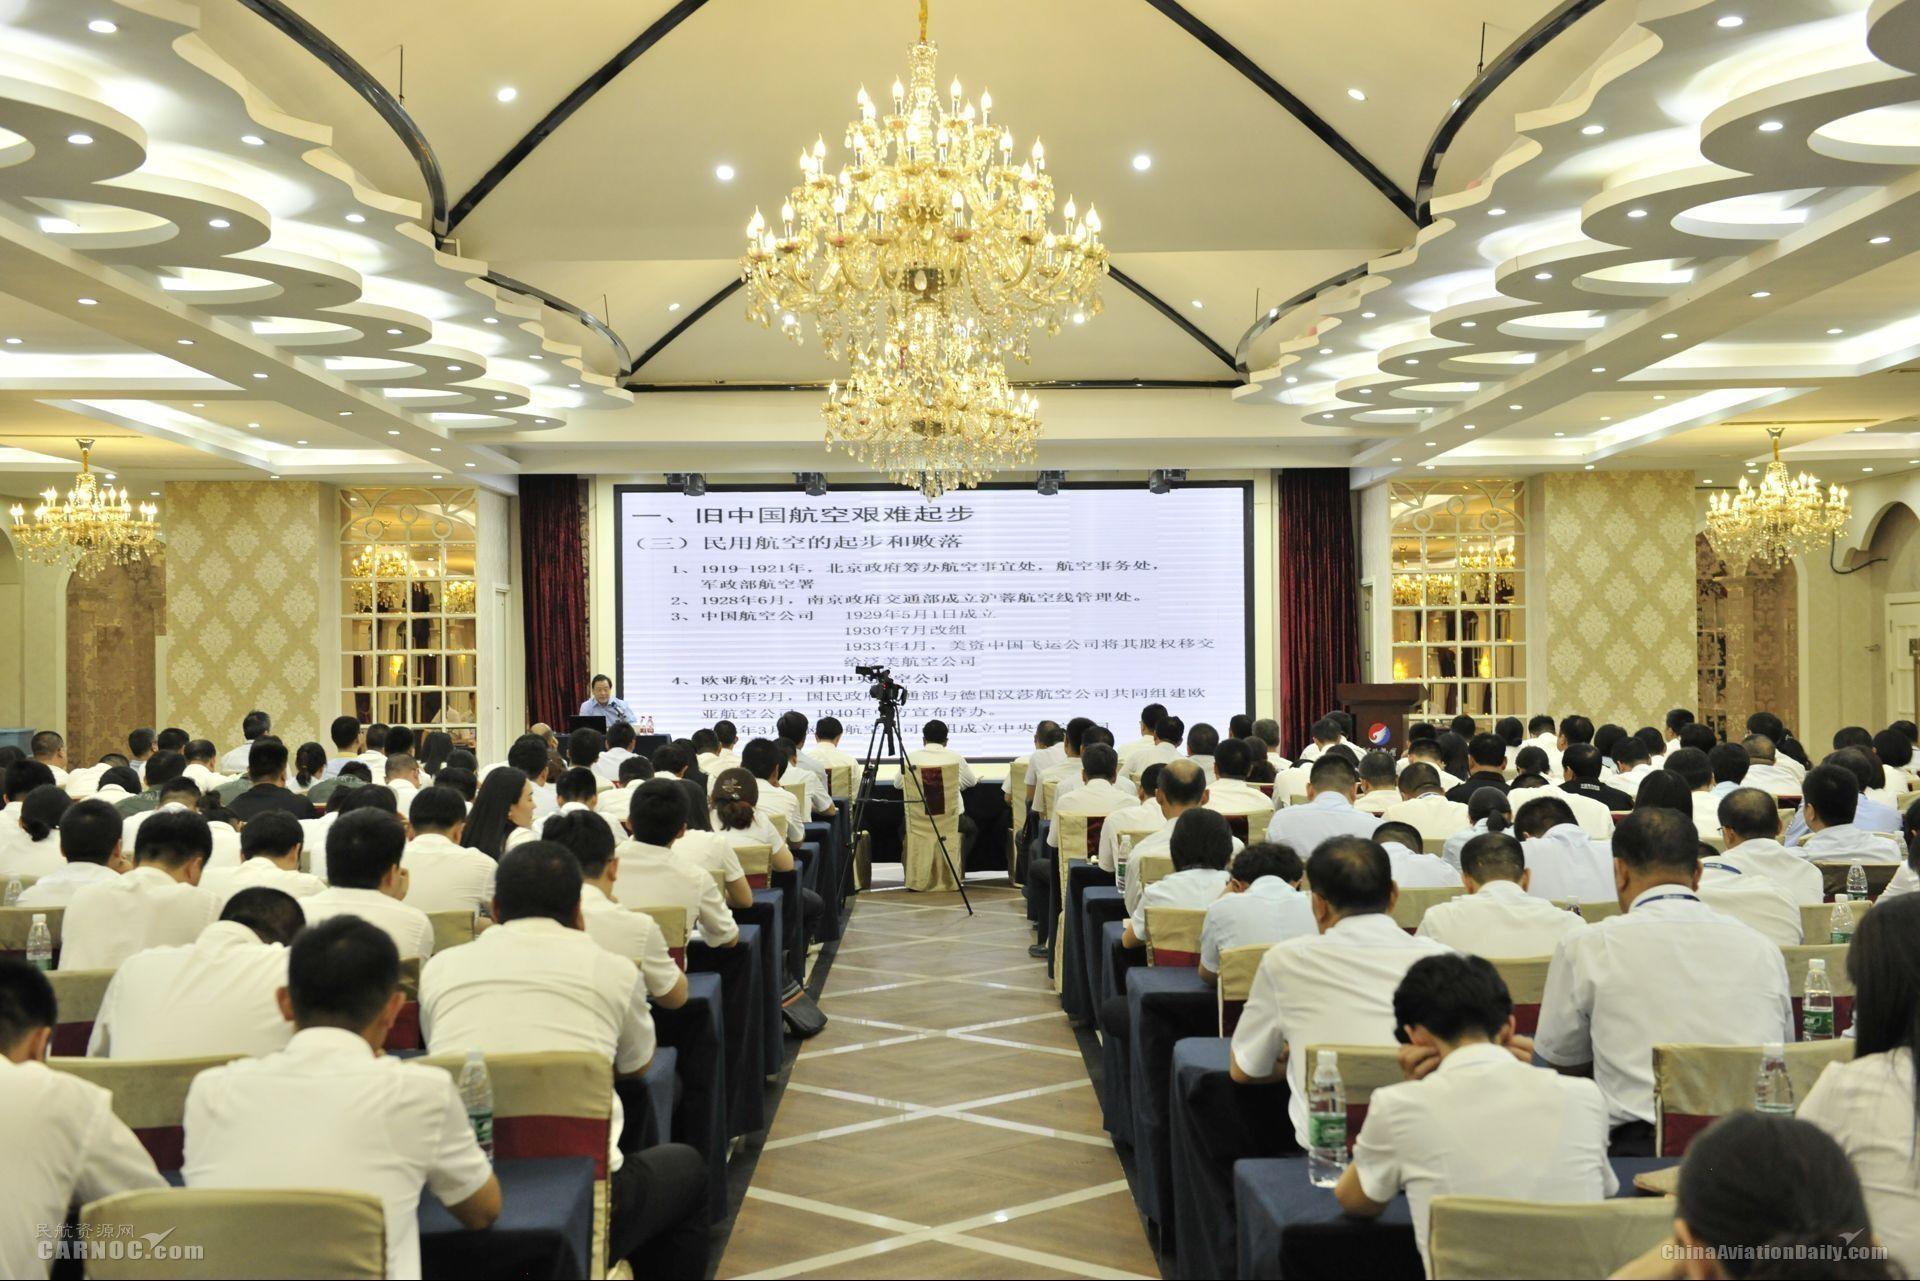 河北航空组织开展中国民航发展历程主题宣讲